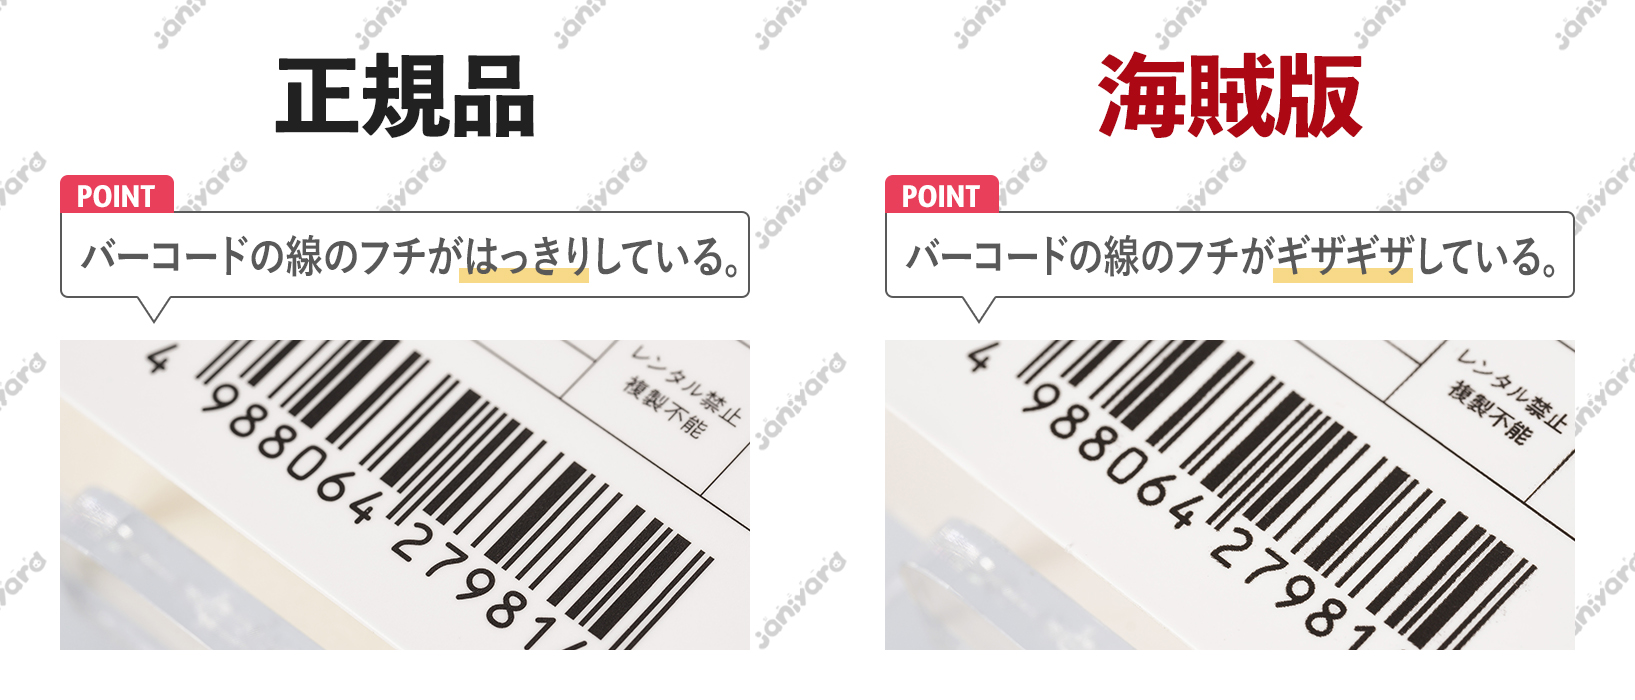 Snow Man ASIA TOUR 2D.2D. ケース 海賊版